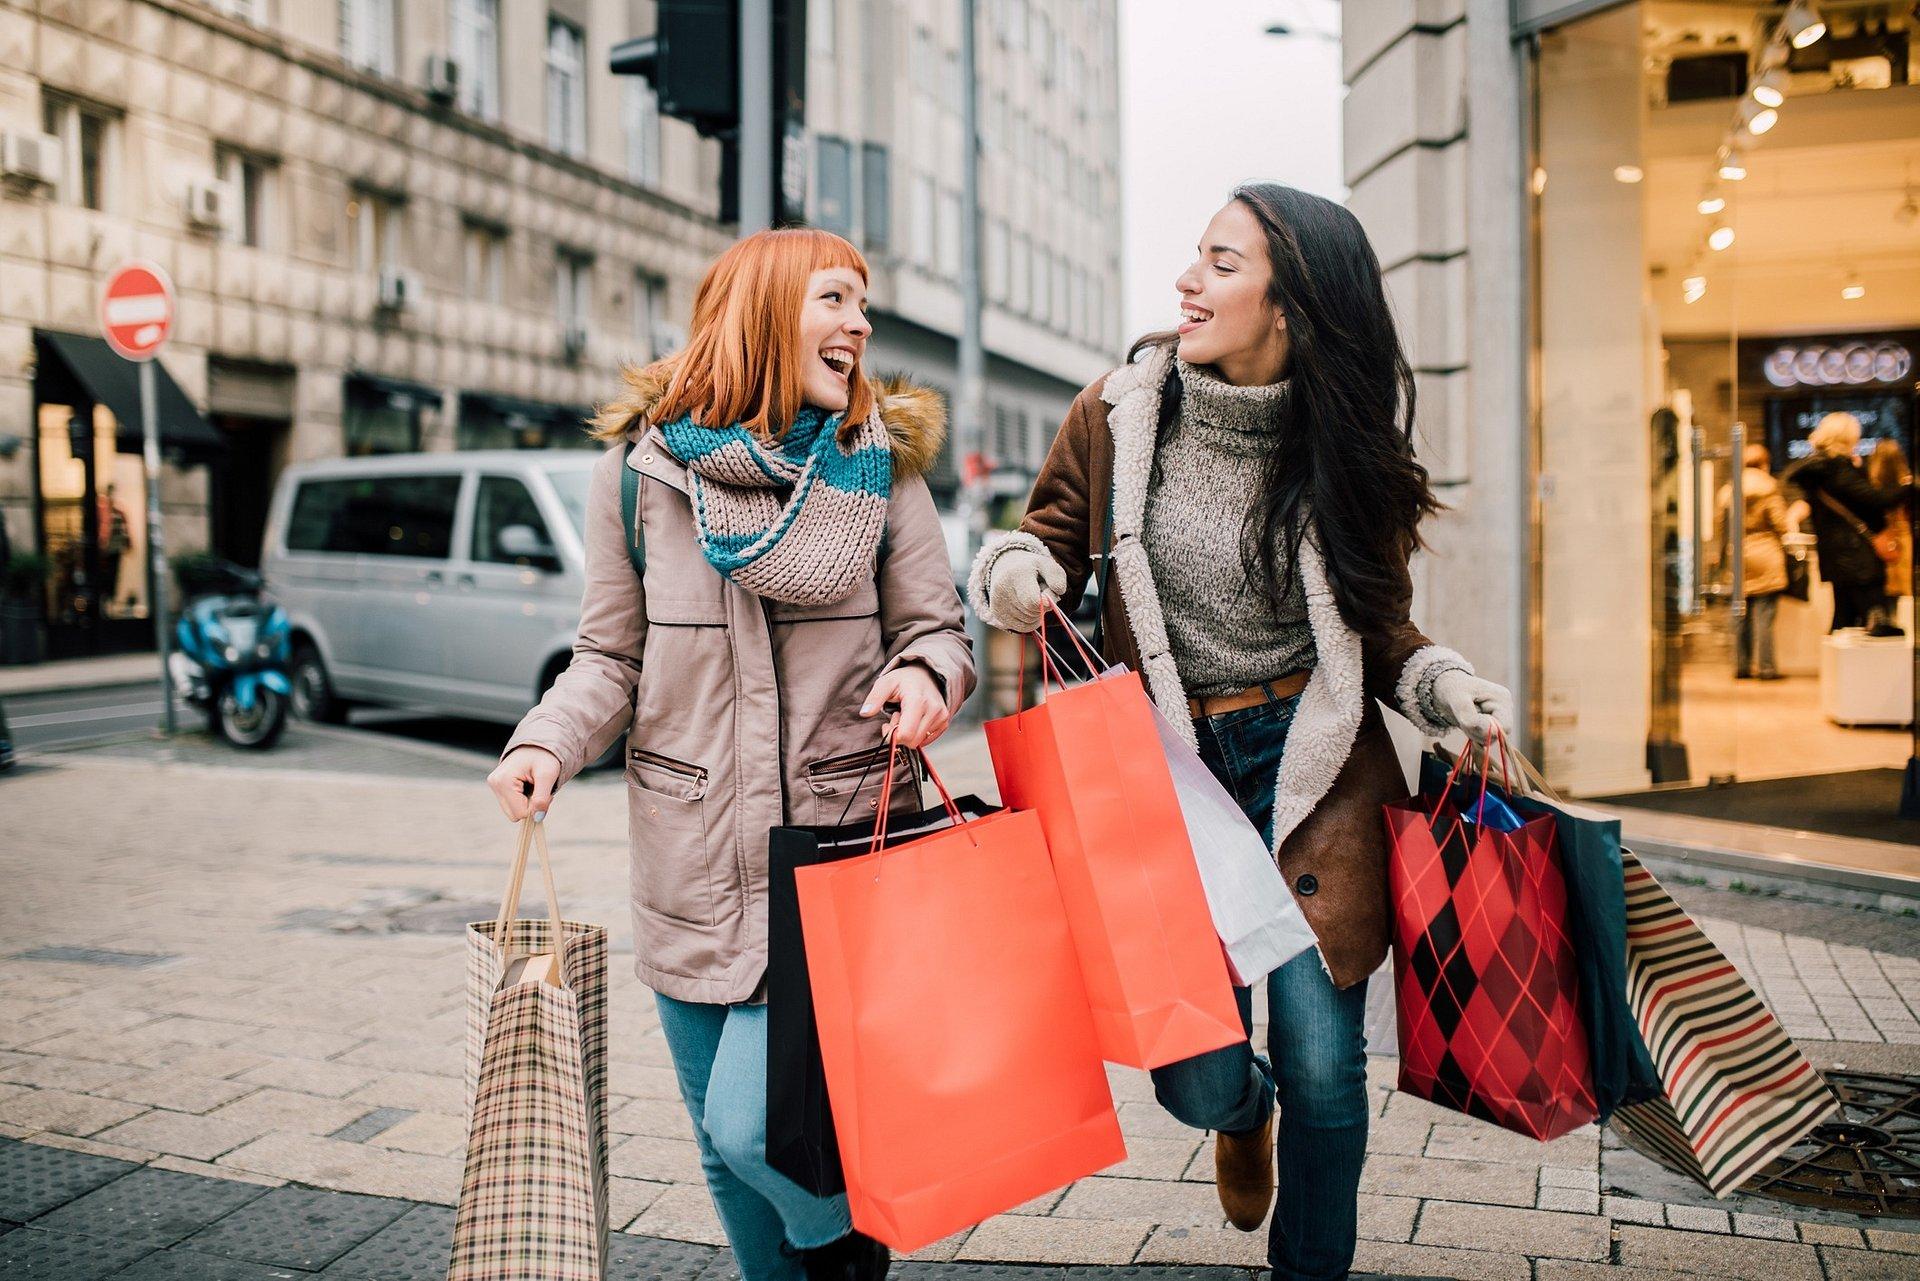 Zimowa wyprzedaż - co warto kupić, a czego unikać?